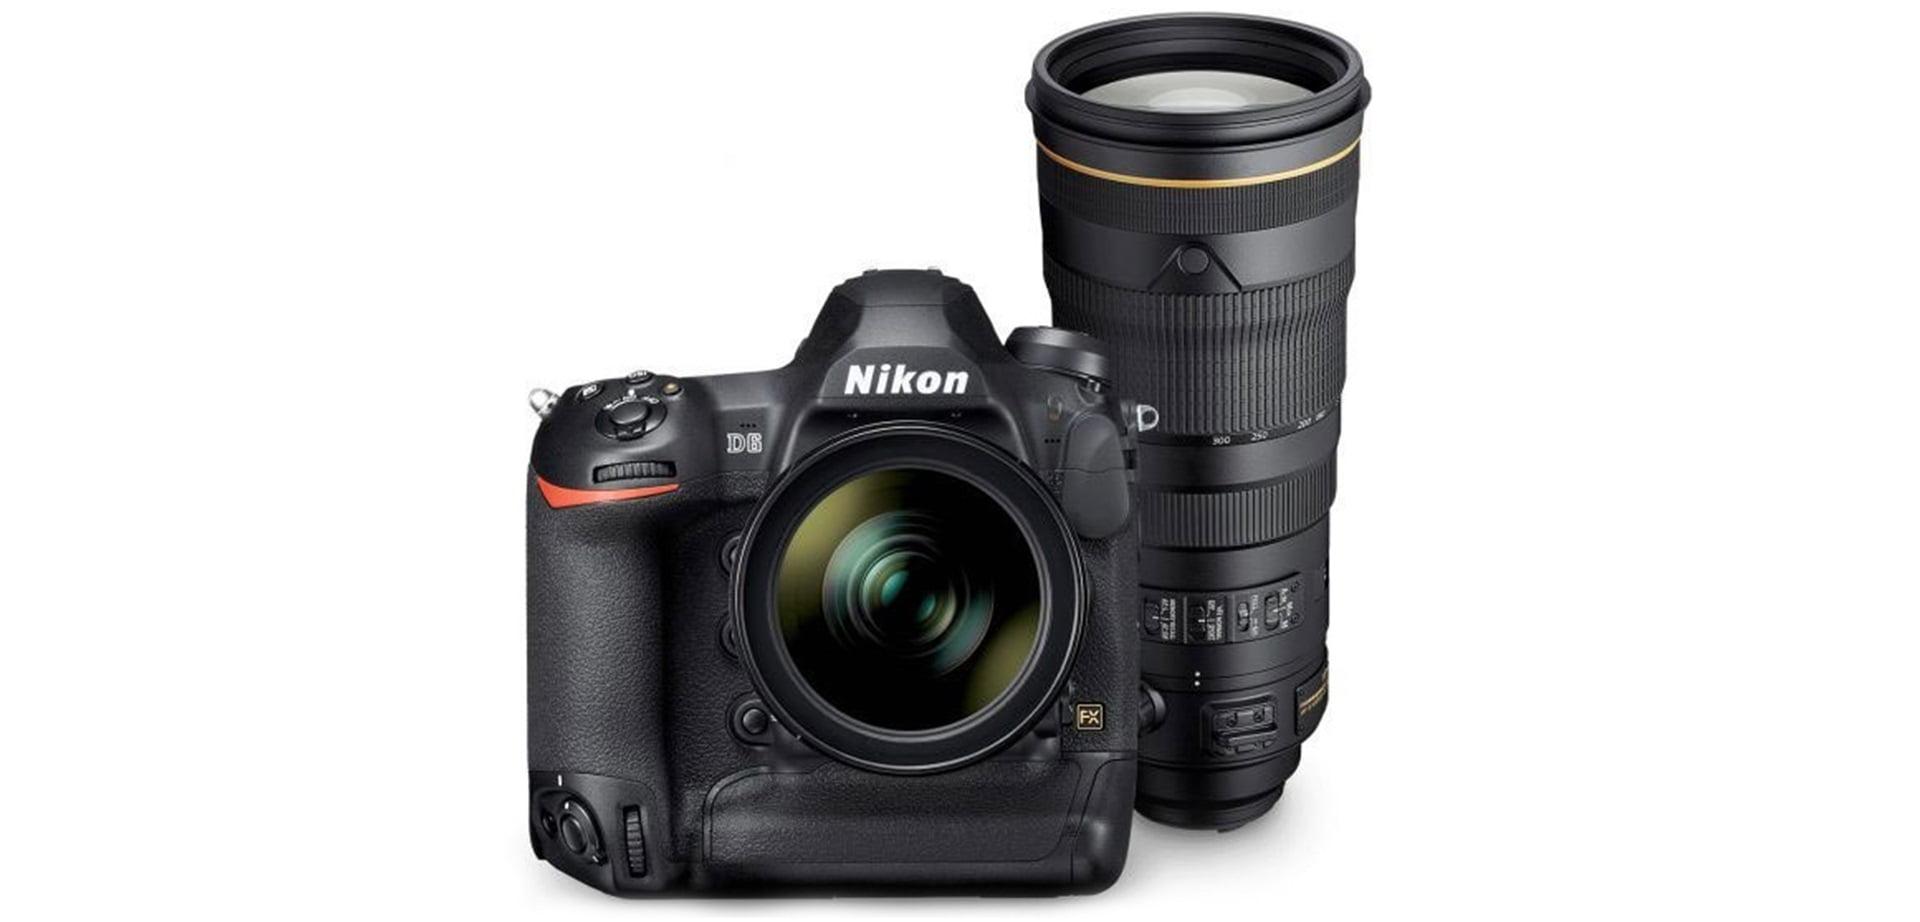 معرفی دوربین DSLR جدید نیکون